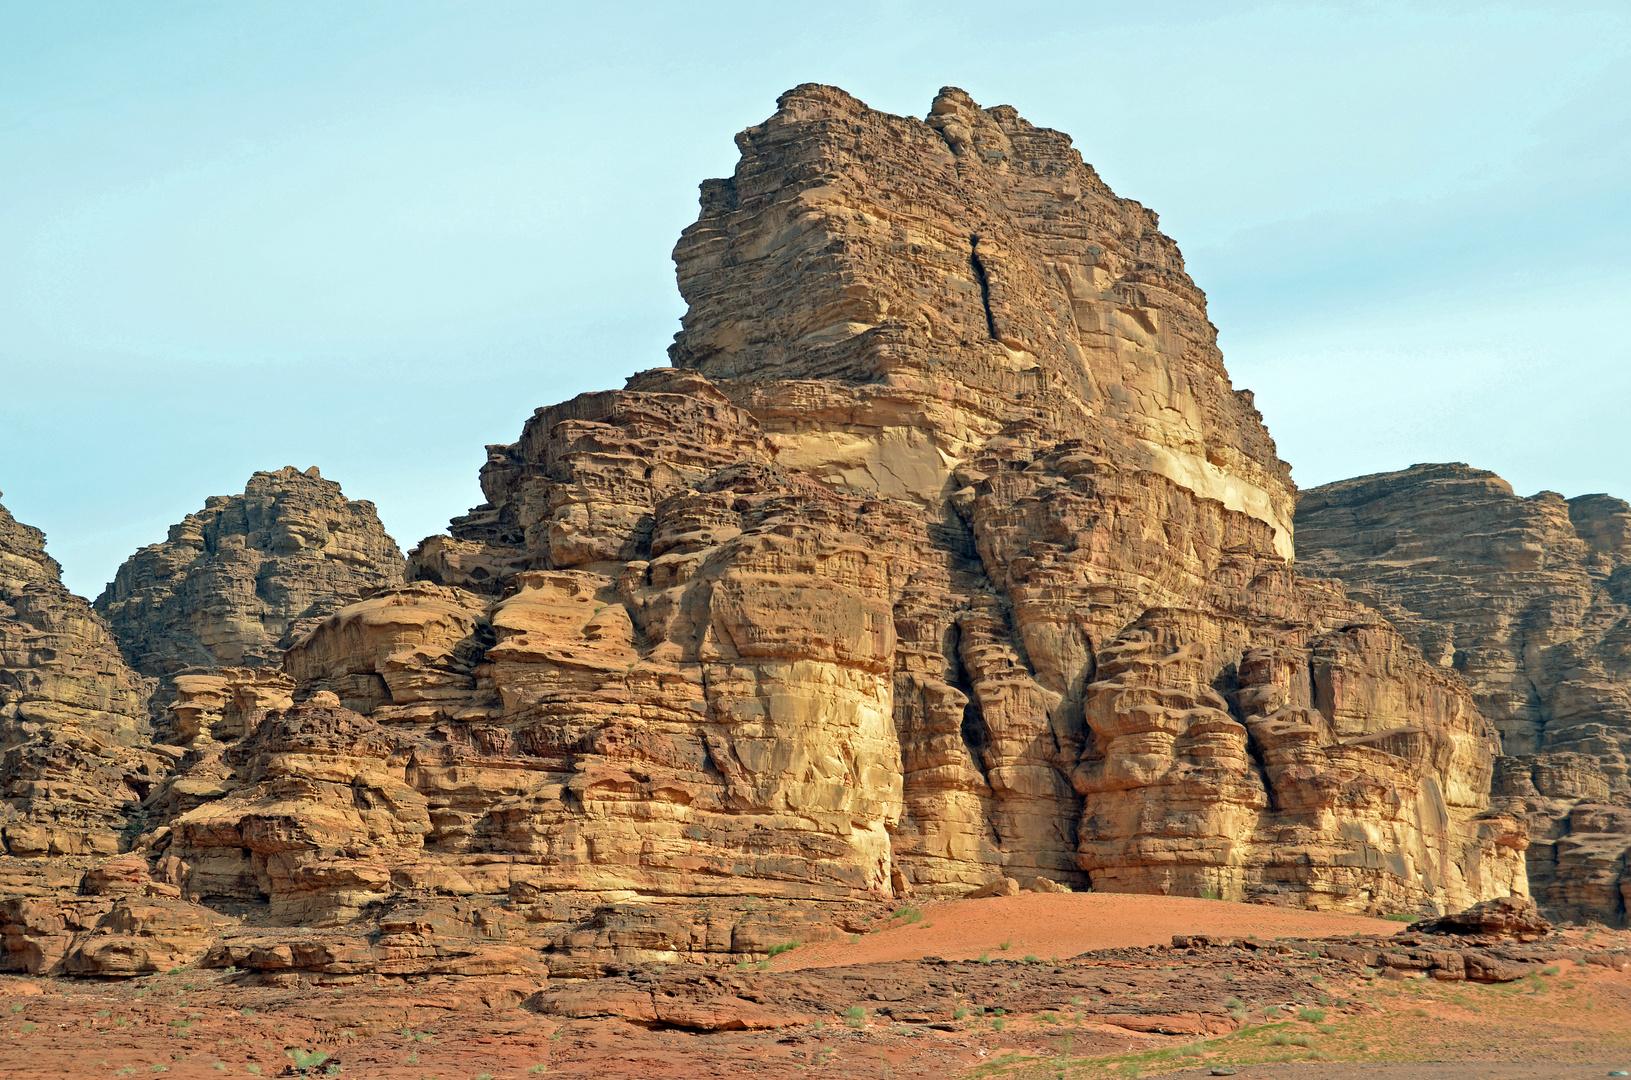 Ein Felsturm im Wadi Rum